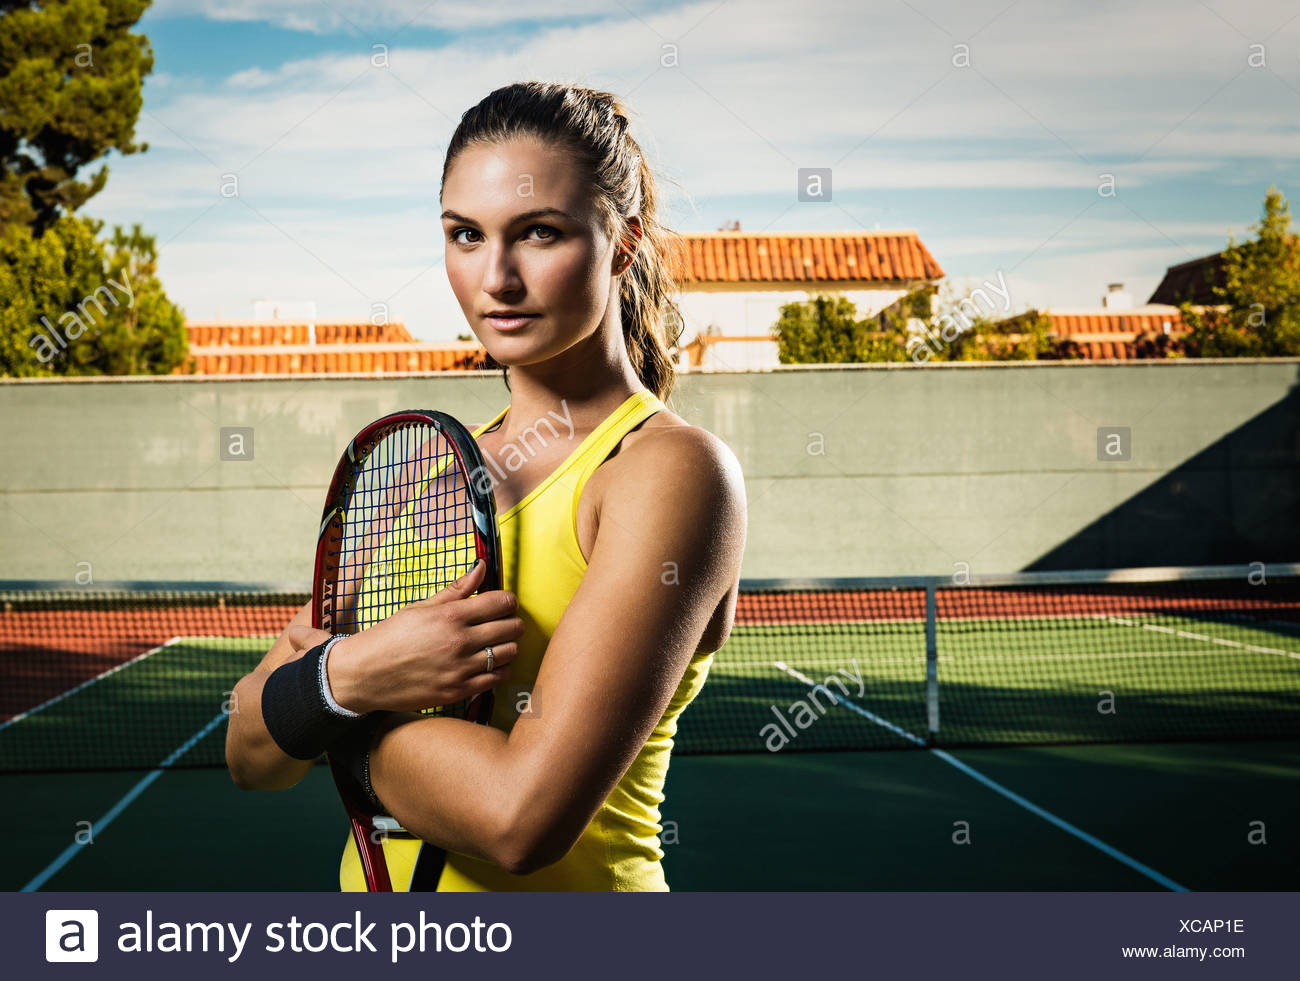 Jugador de tenis femenino celebración raqueta Imagen De Stock